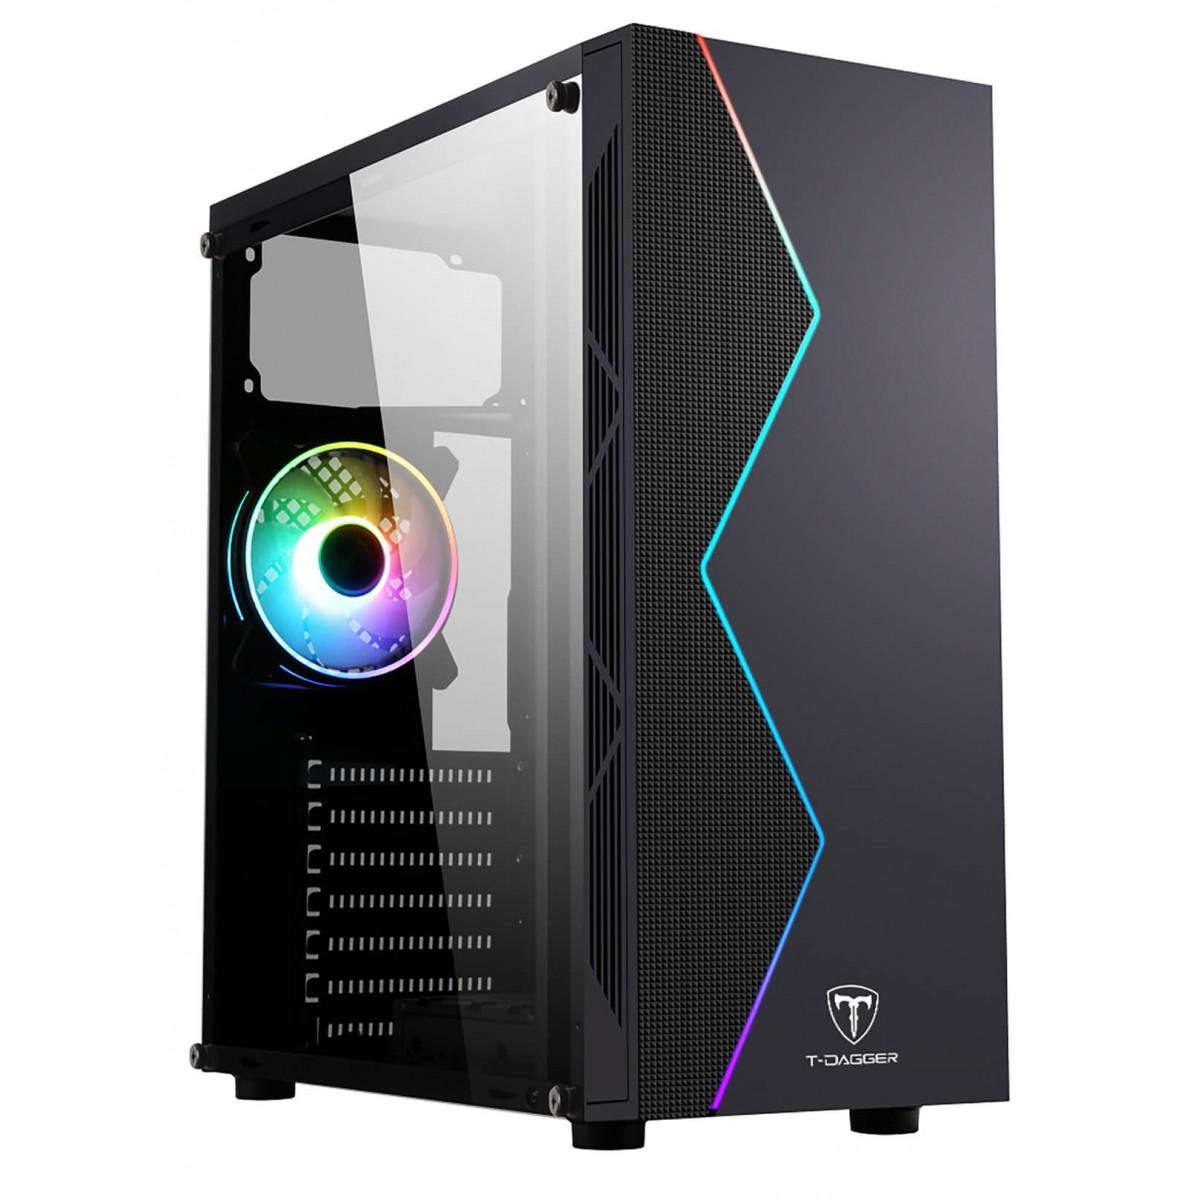 Computador Gamer, intel 10º geração Pentium G6400 4.0Ghz, Placa de Video RX 550 4GB, 8GB DDR4, SSD 256GB